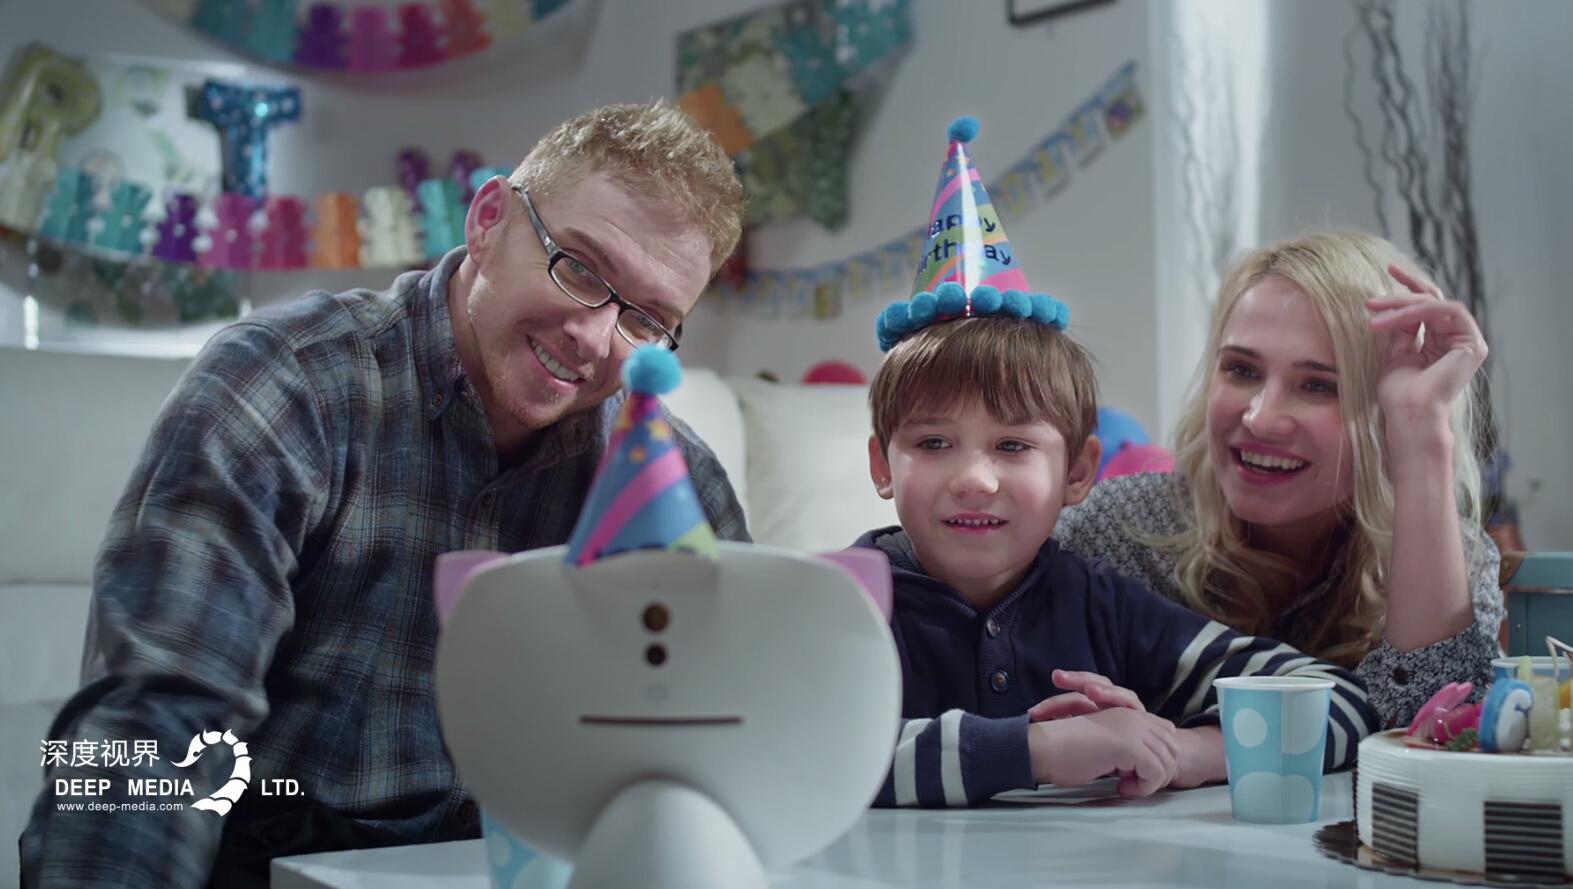 小西科技-XIBOT儿童机器人 产品宣传片